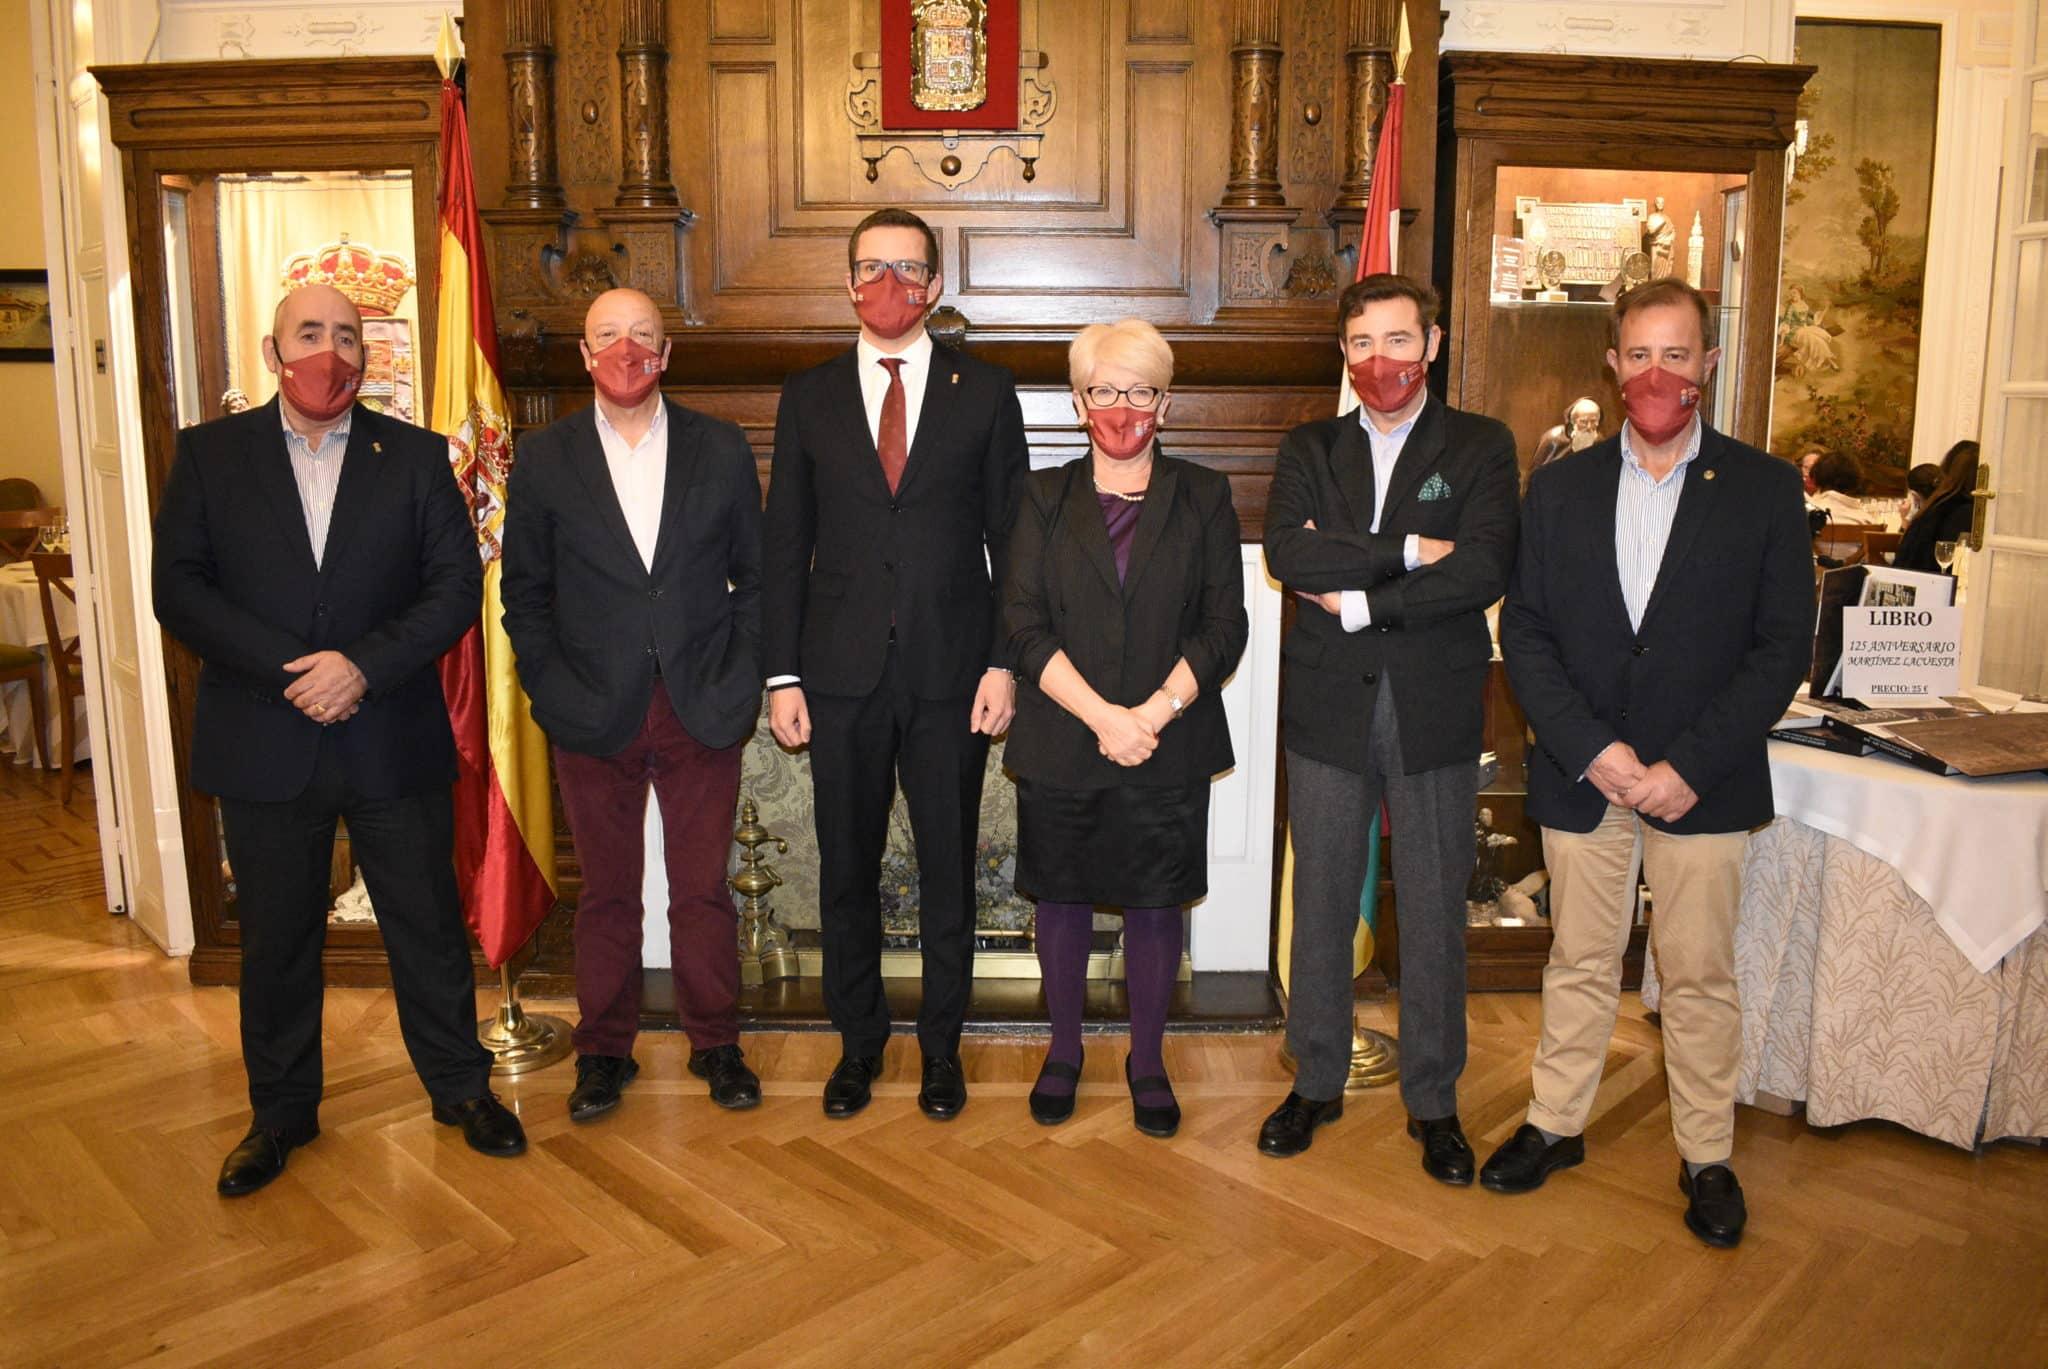 El Centro Riojano de Madrid celebra el 125 aniversario de Martínez-Lacuesta 4